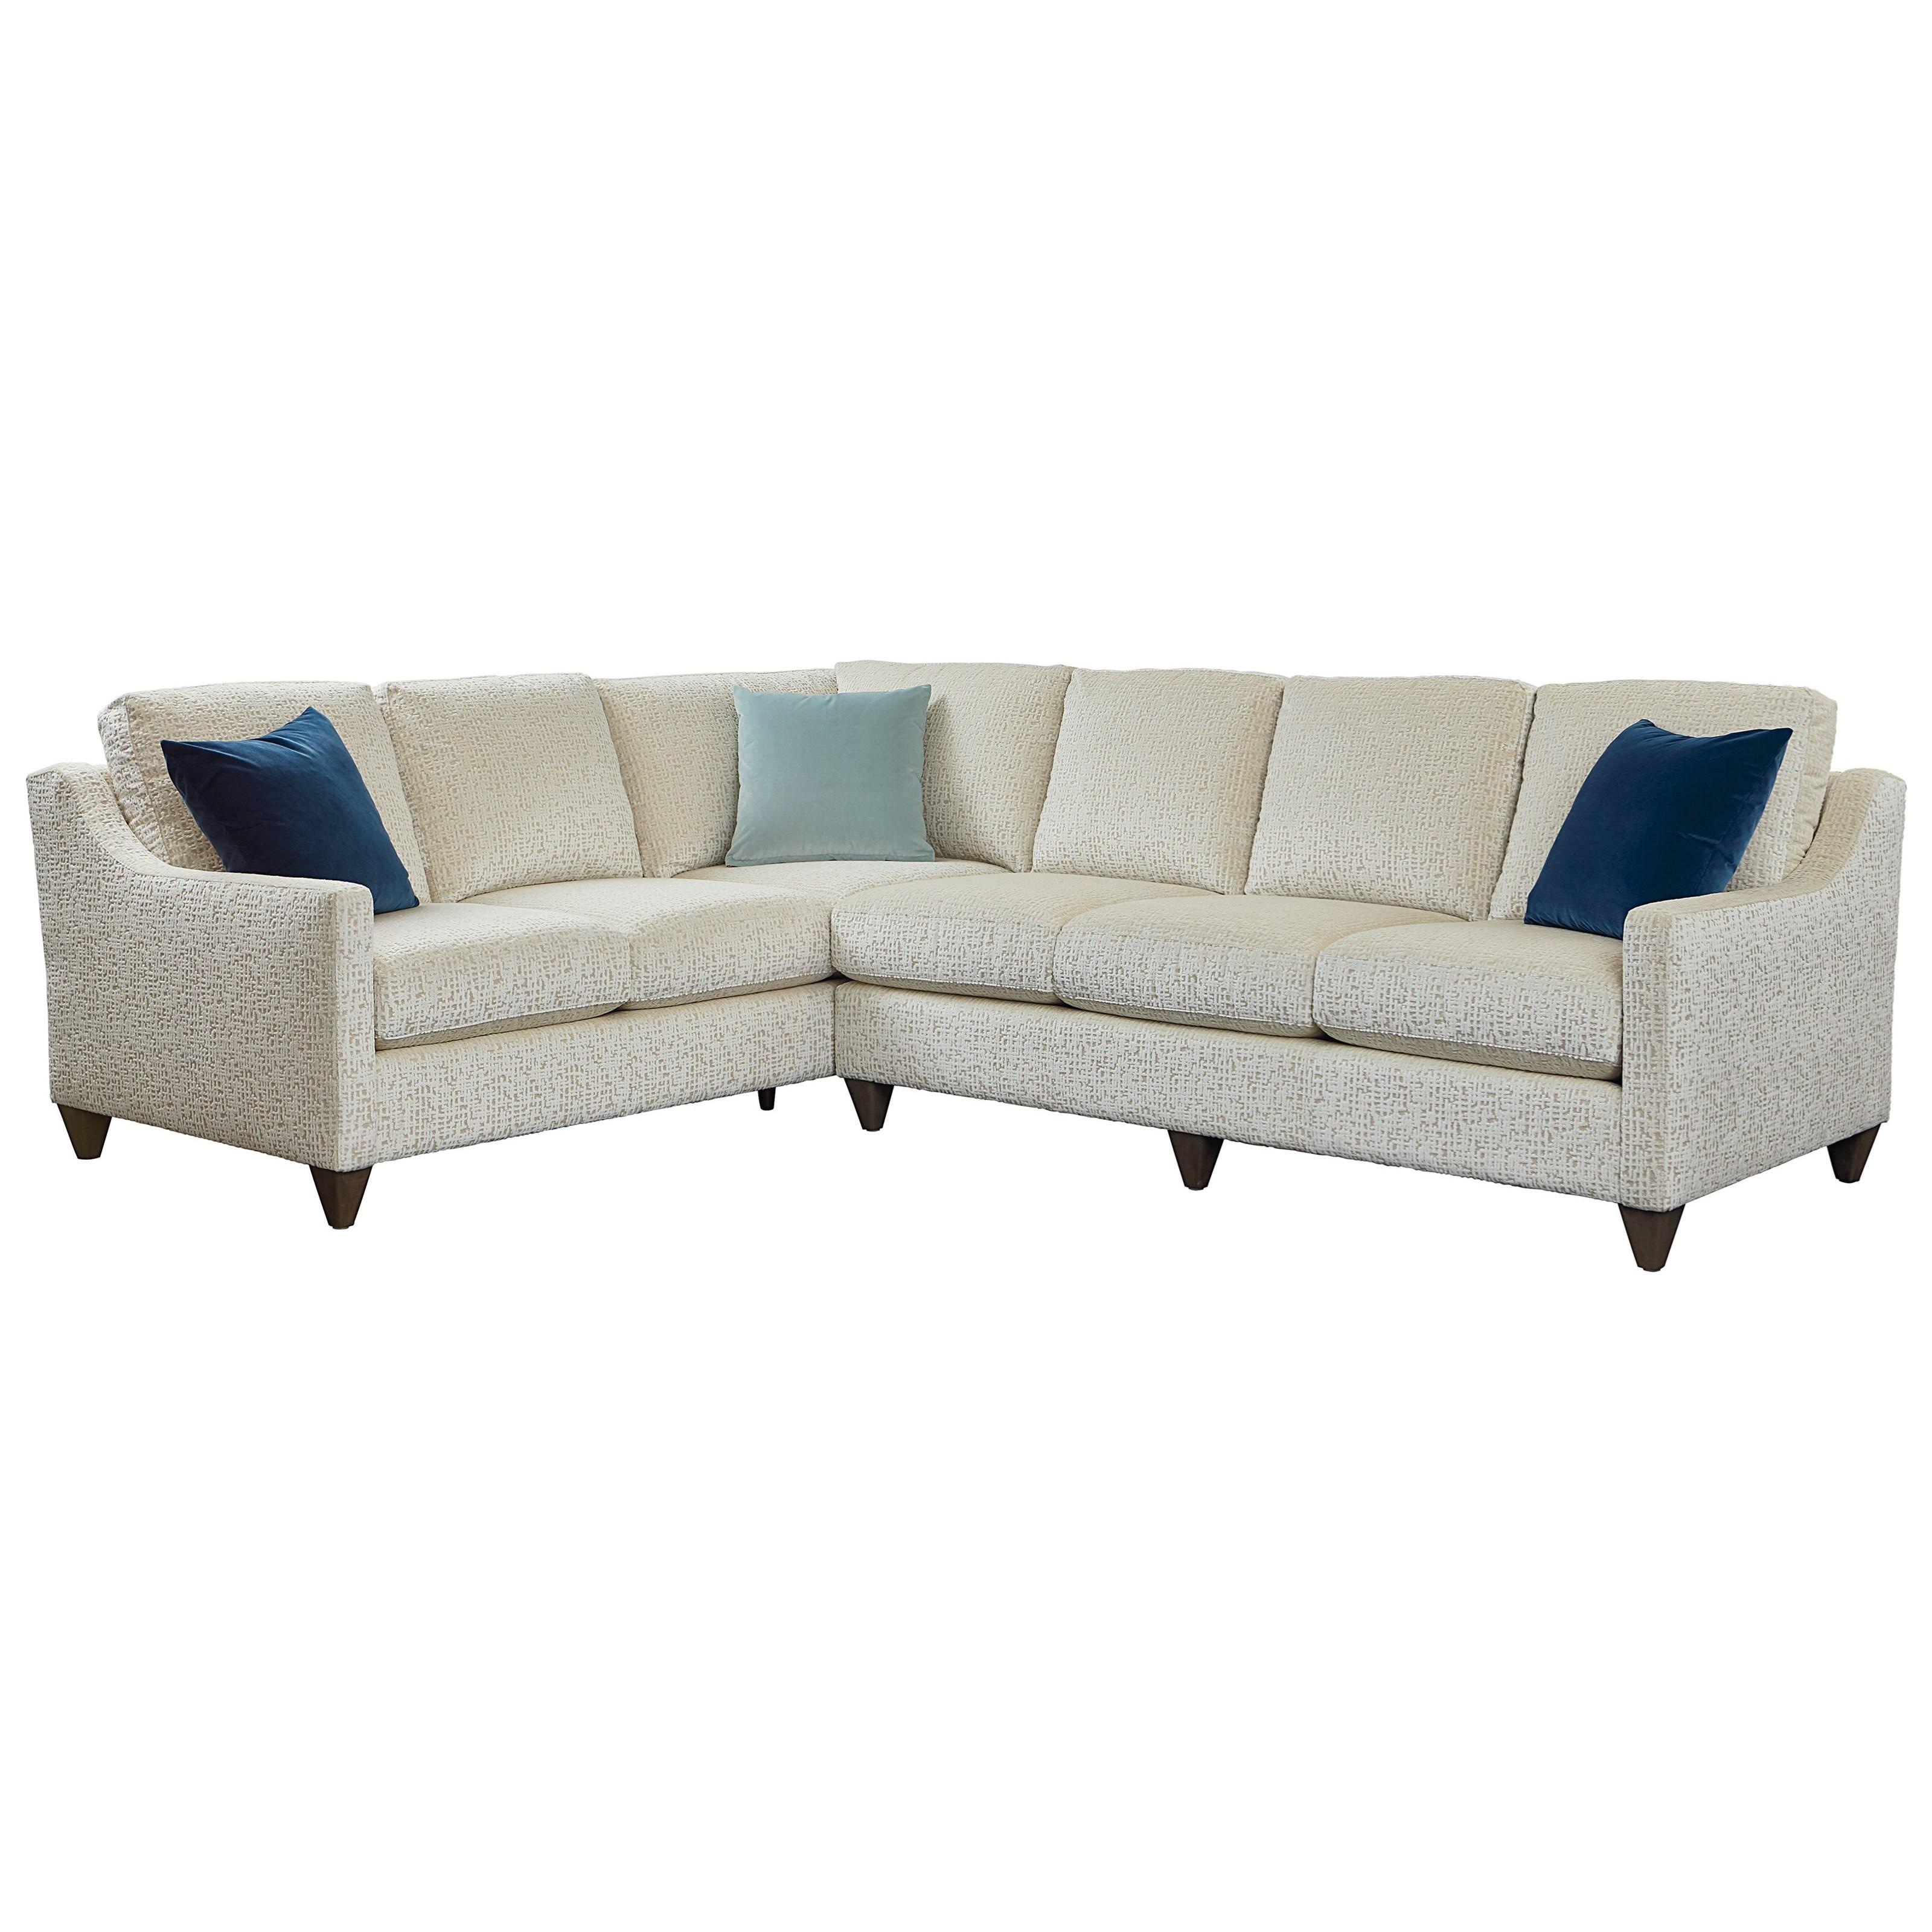 Custom Upholstery Customizable Sectional by Bassett at Bassett of Cool Springs